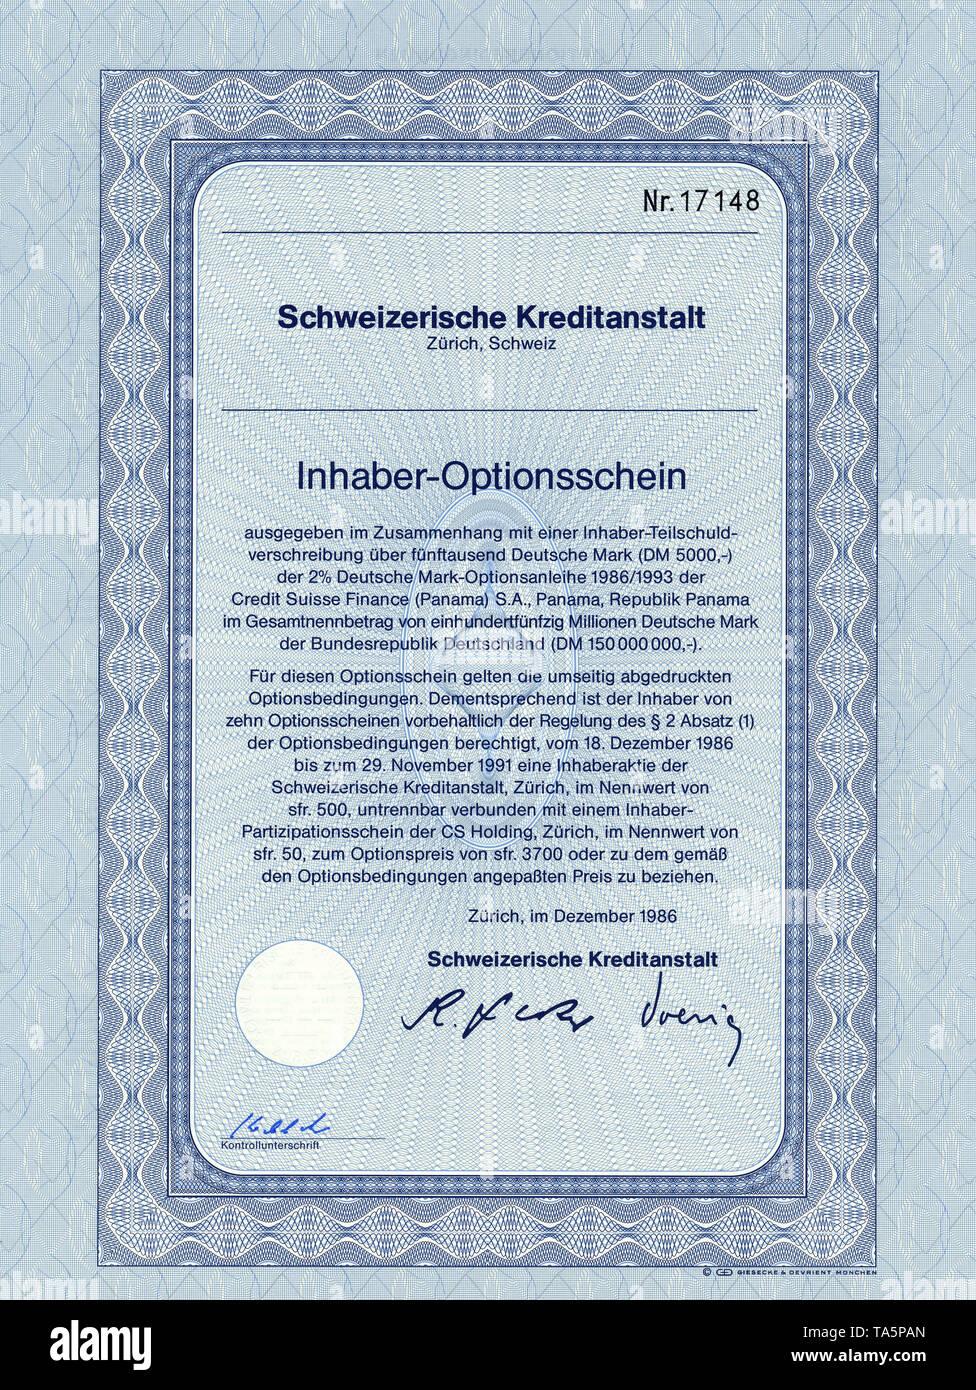 Historic stock certificate, Securities certificate, bearer warrant, Wertpapier, Inhaber-Optionsschein, Deutsche Mark, Schweizerische Kreditanstalt, Zürich, 1986, Schweiz, Europa - Stock Image